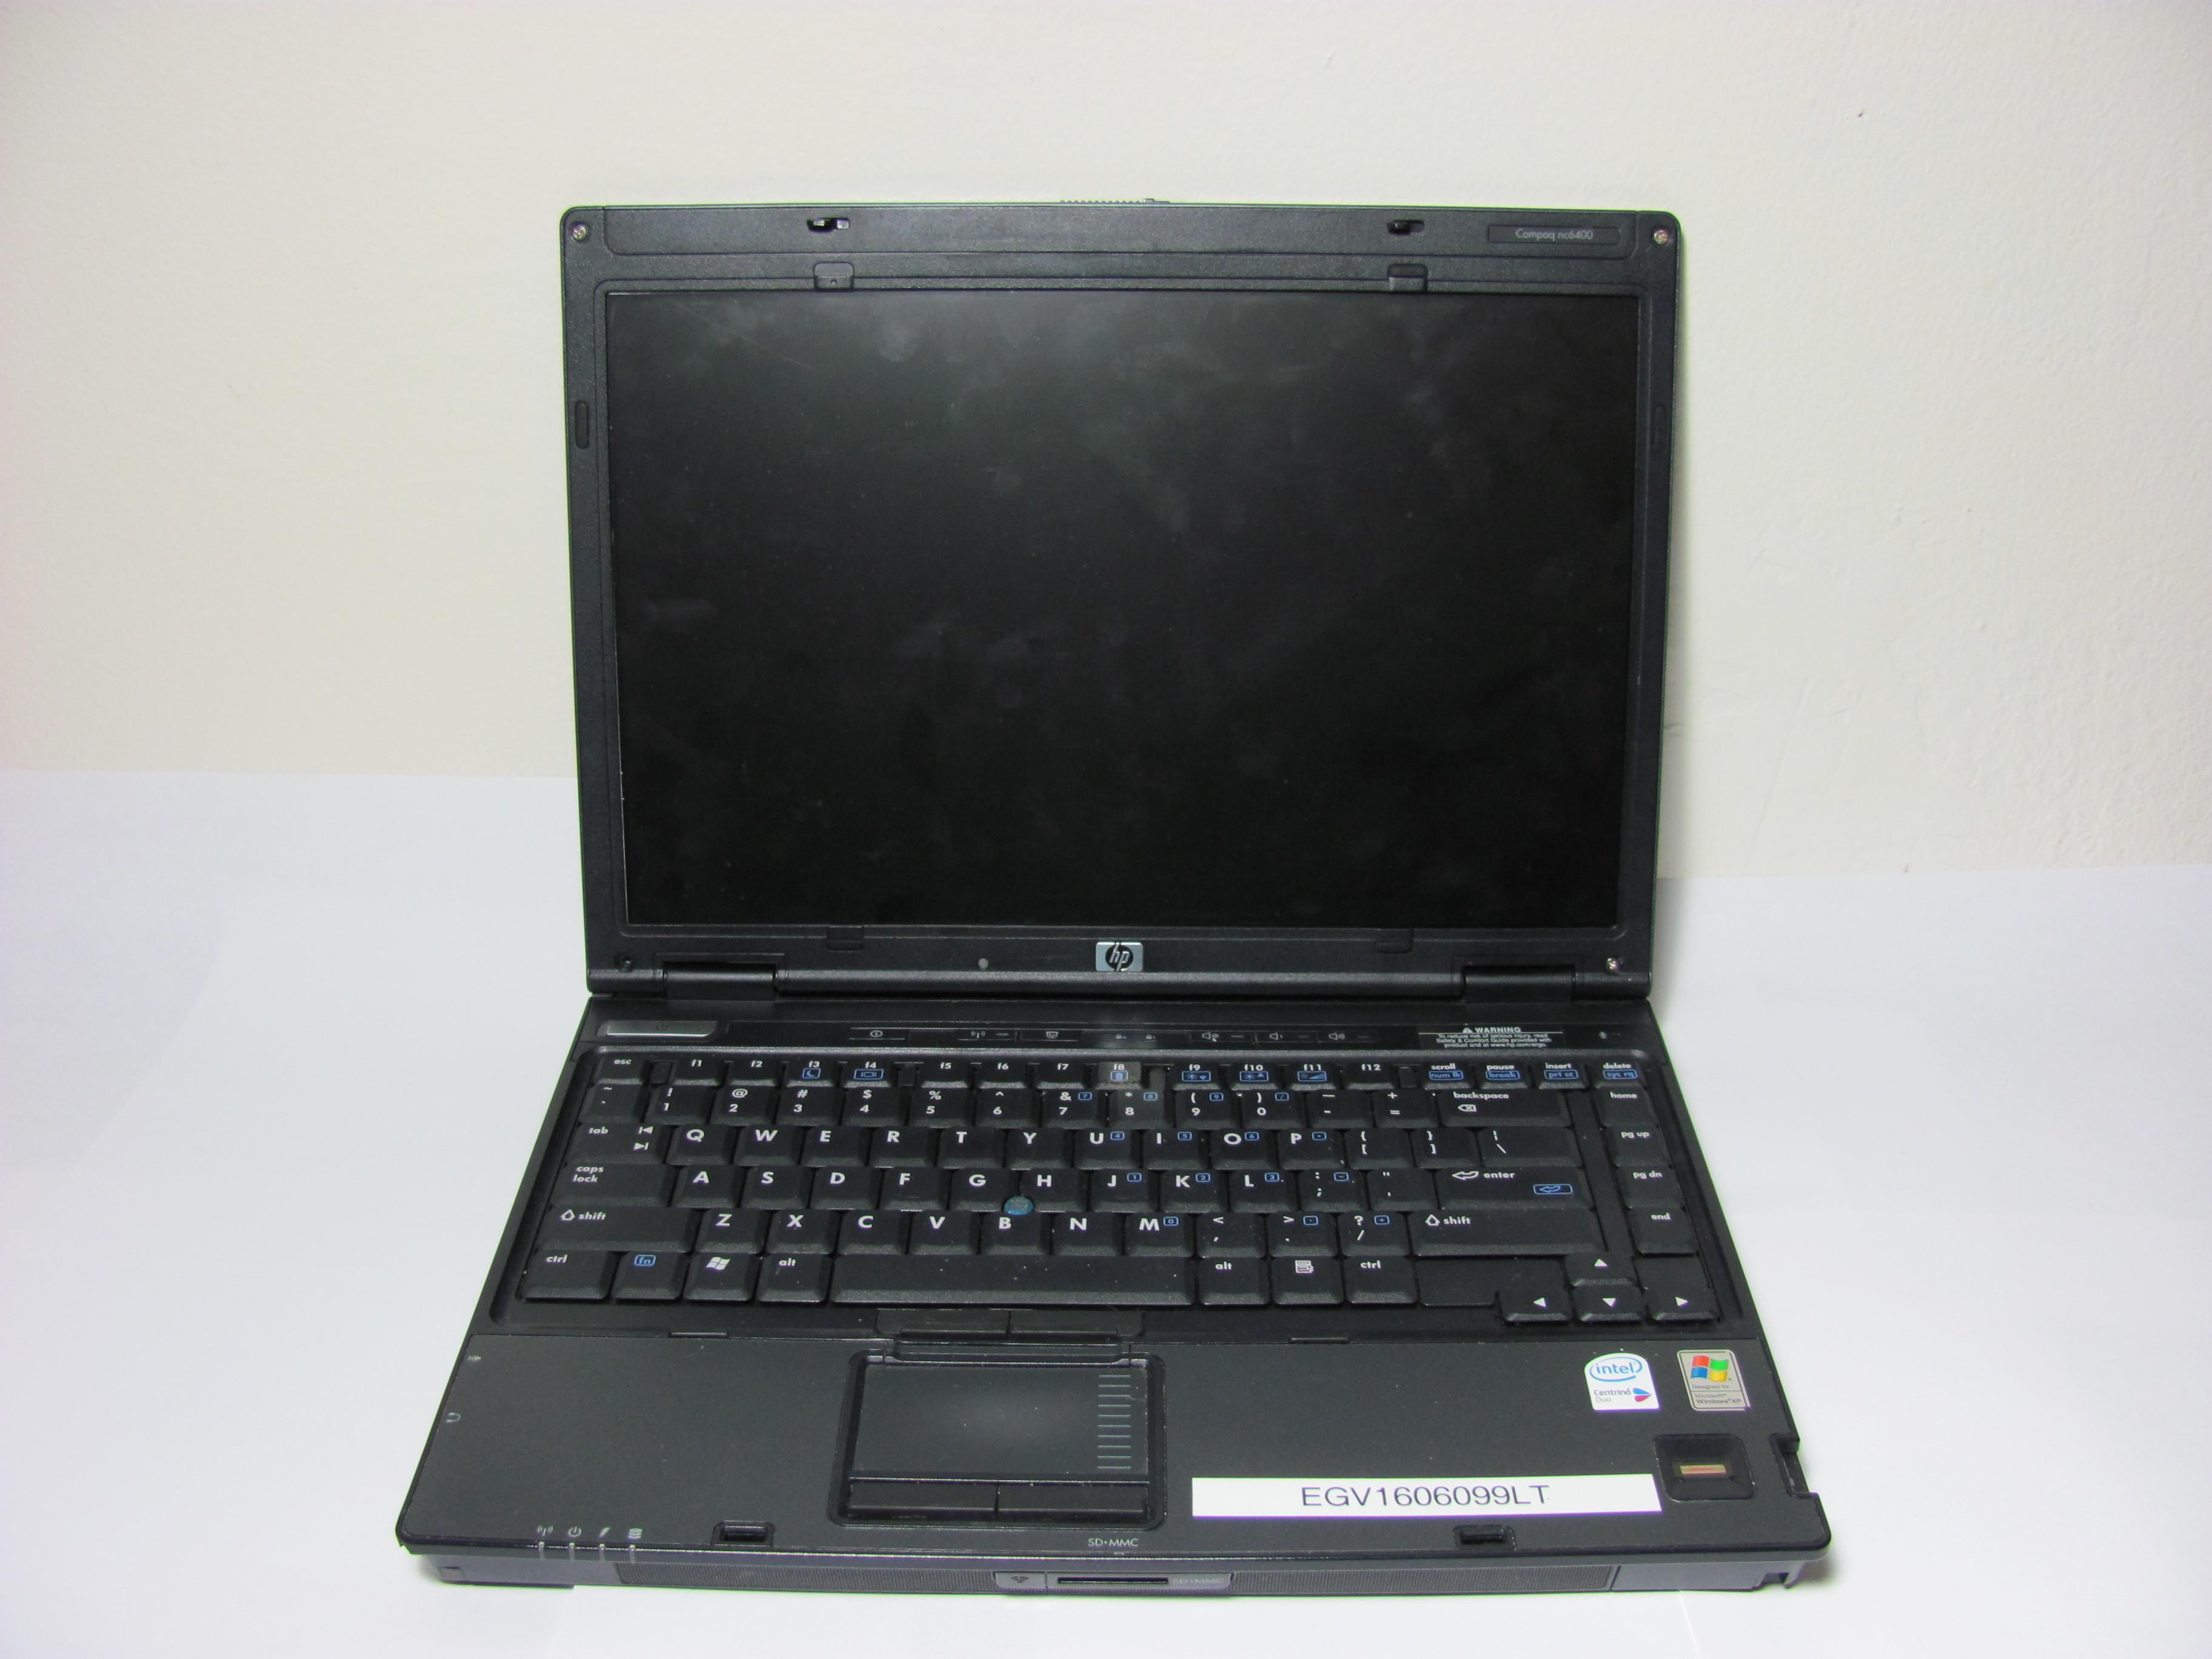 Hp compaq 6510b драйвера windows xp скачать